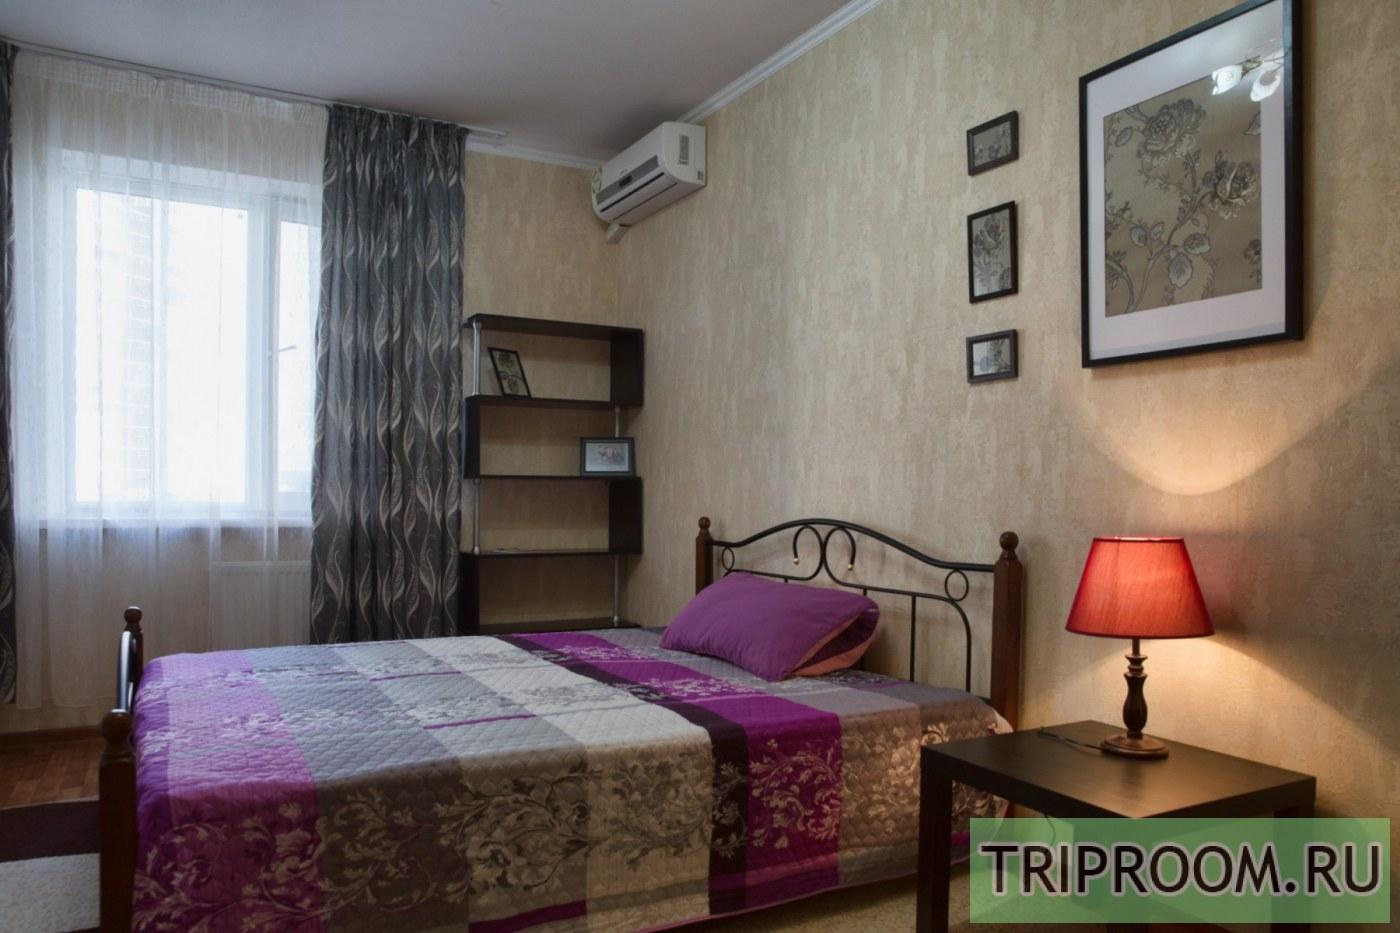 1-комнатная квартира посуточно (вариант № 38423), ул. генерала Шифрина, фото № 1